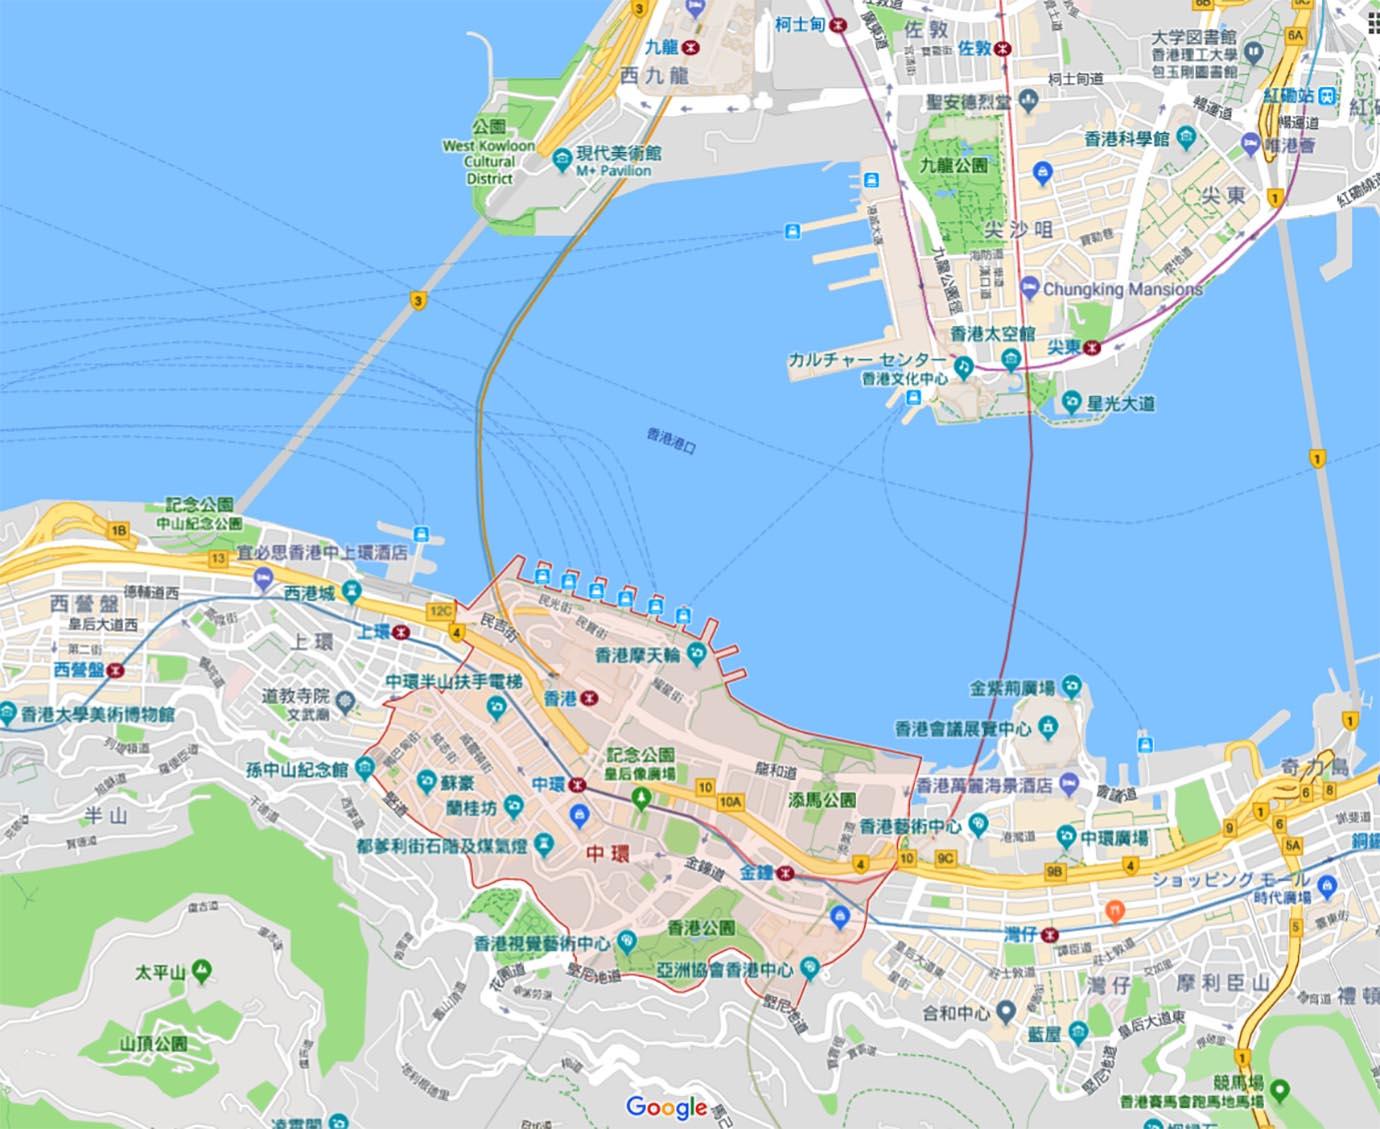 hongkong-old-town-central